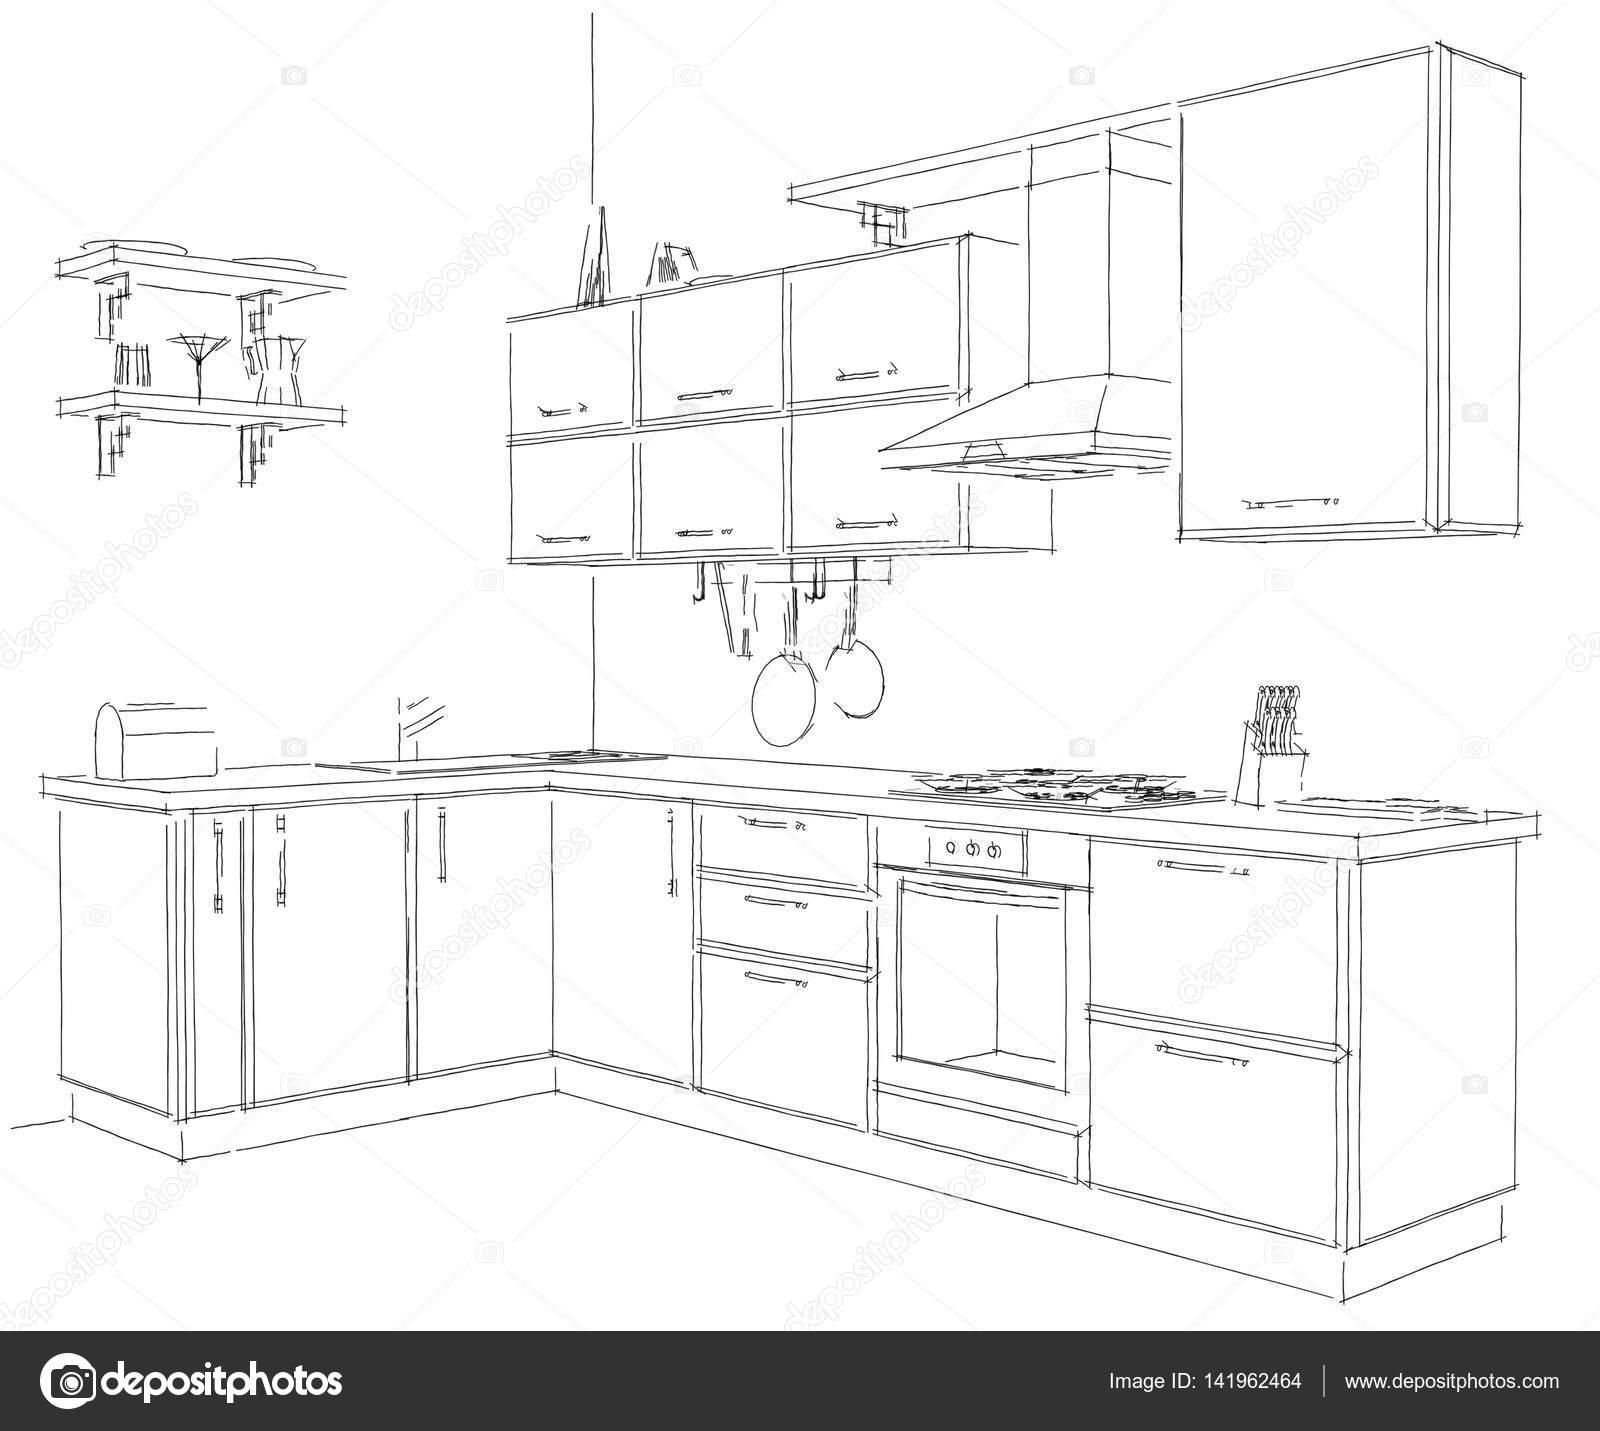 Moderne Ecke Küche Rahmen Skizze Schwarz und weiß. 3D illustration ...